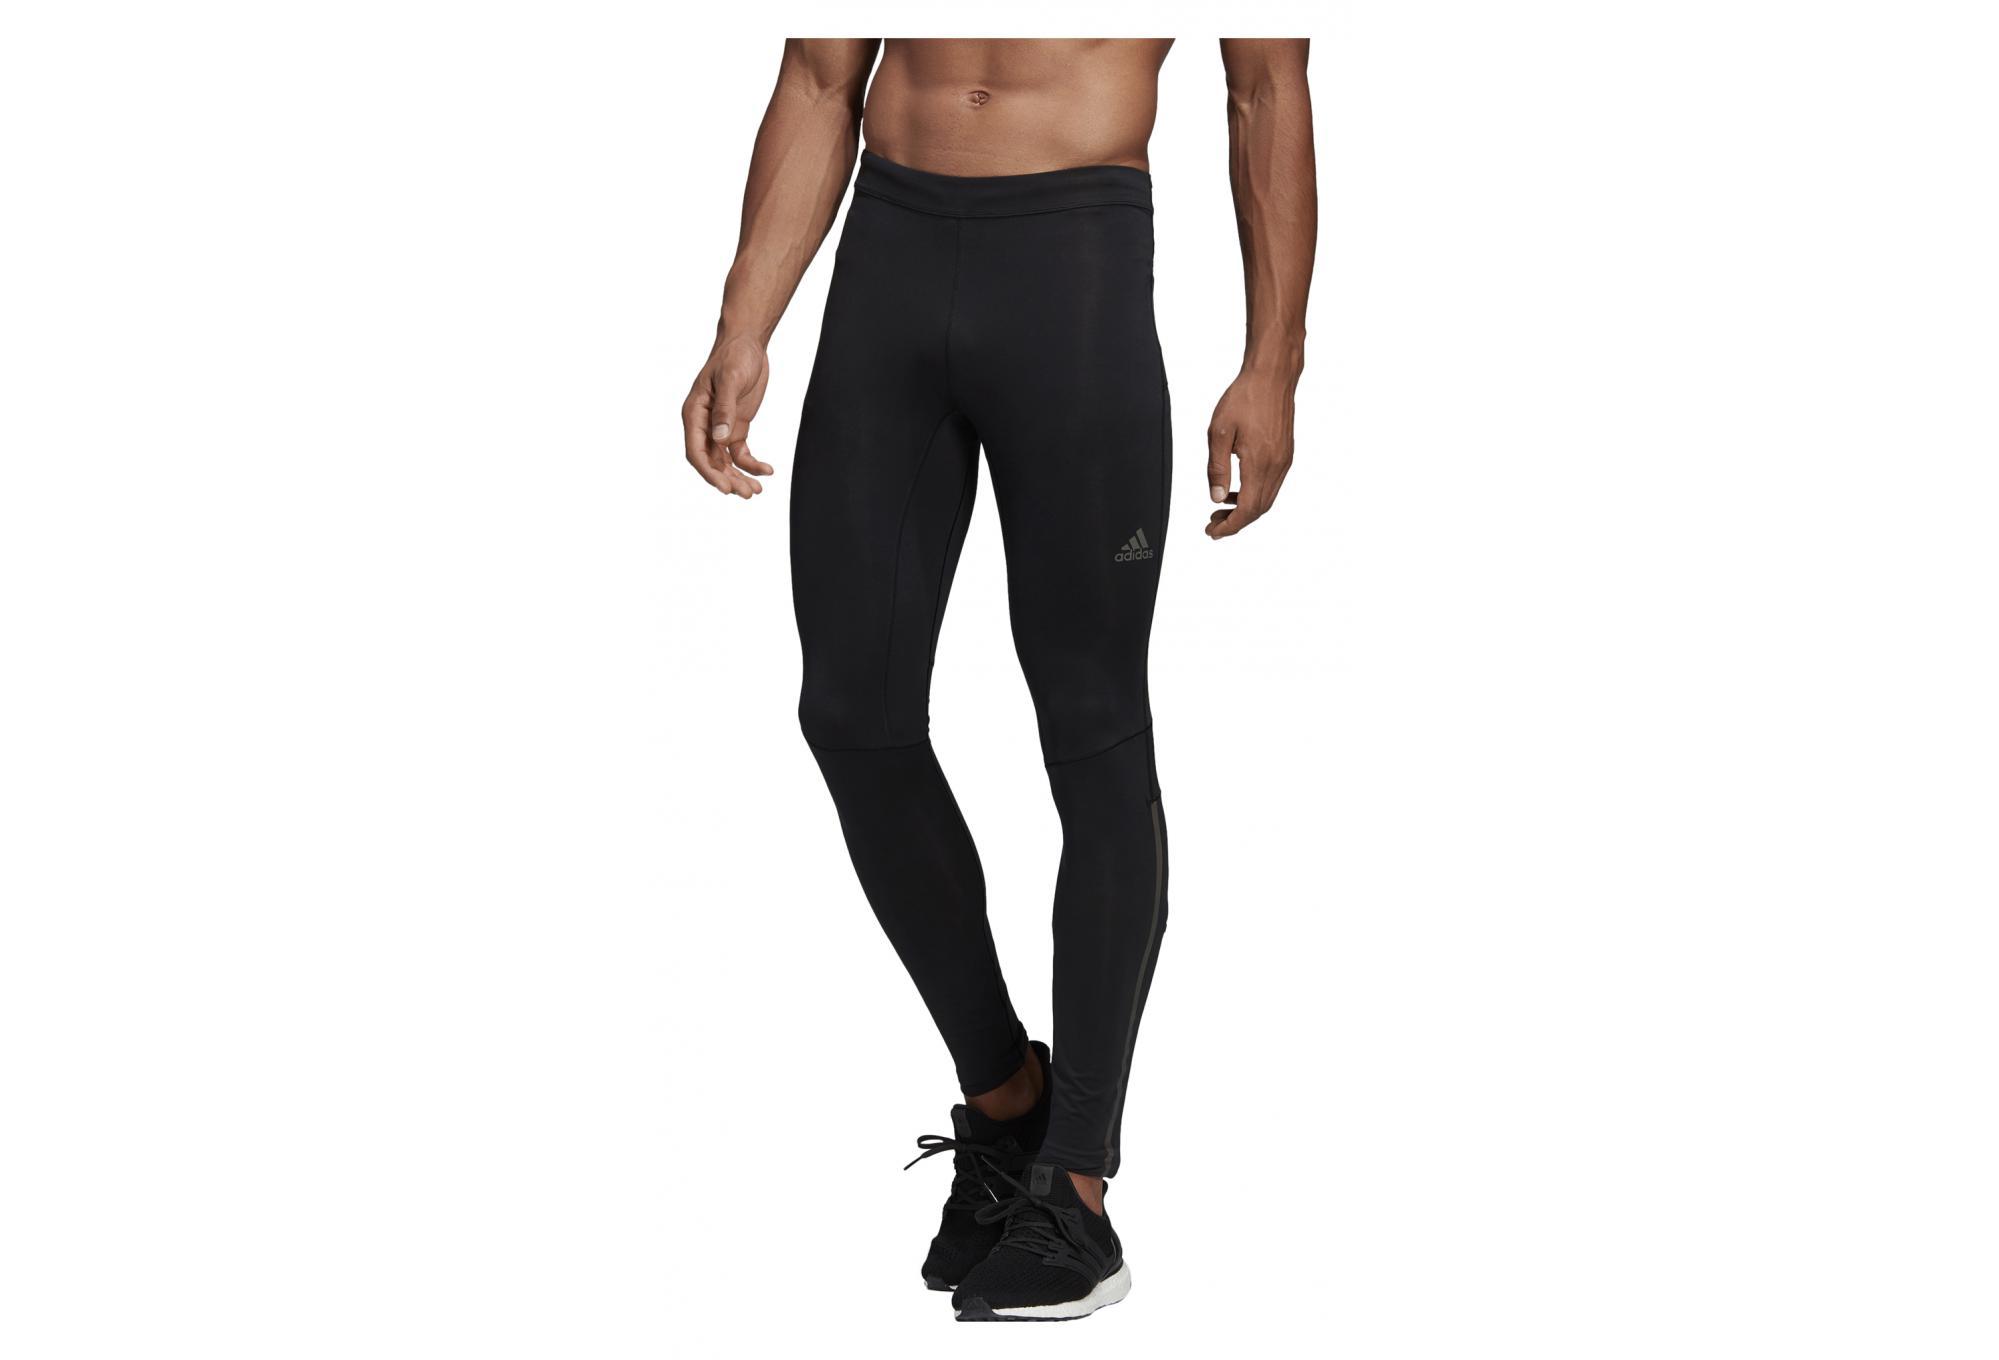 Collant Long Adidas SUPERNOVA Noir